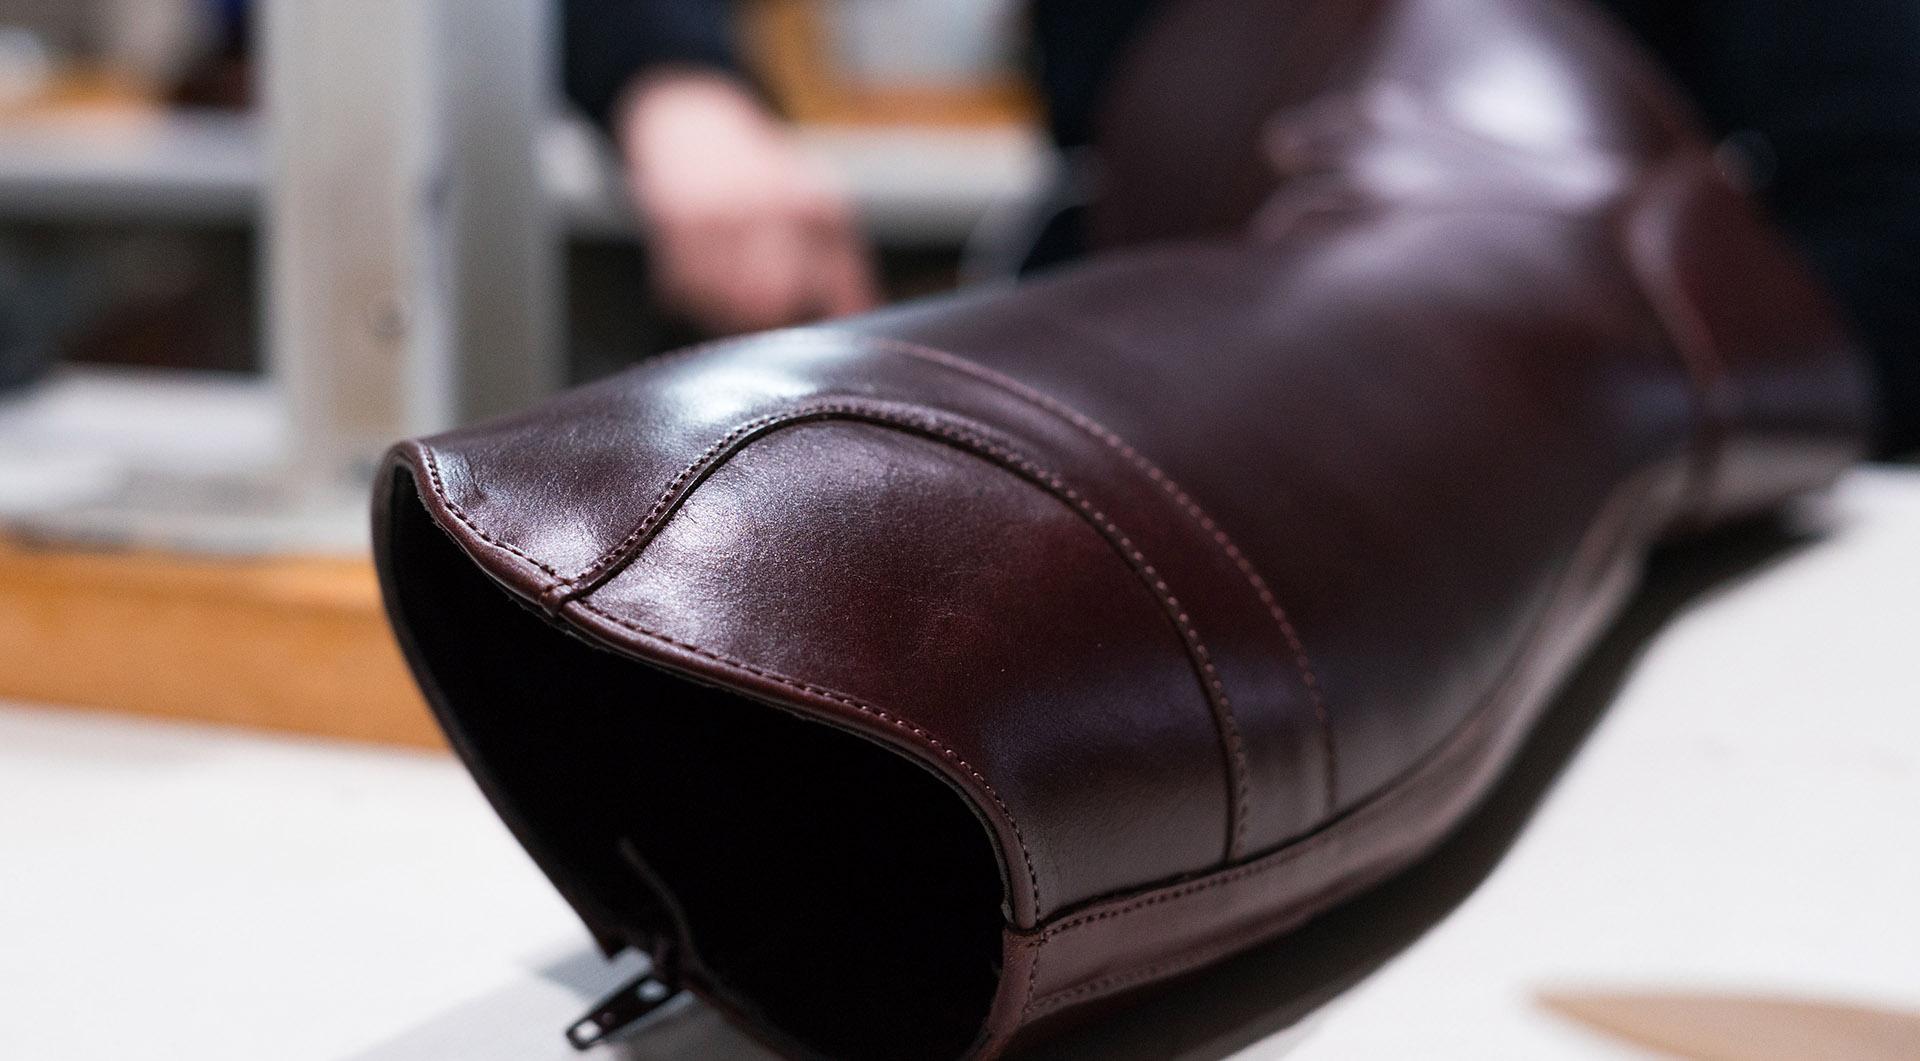 Por qué elegir un buen calzado es bueno para tu salud